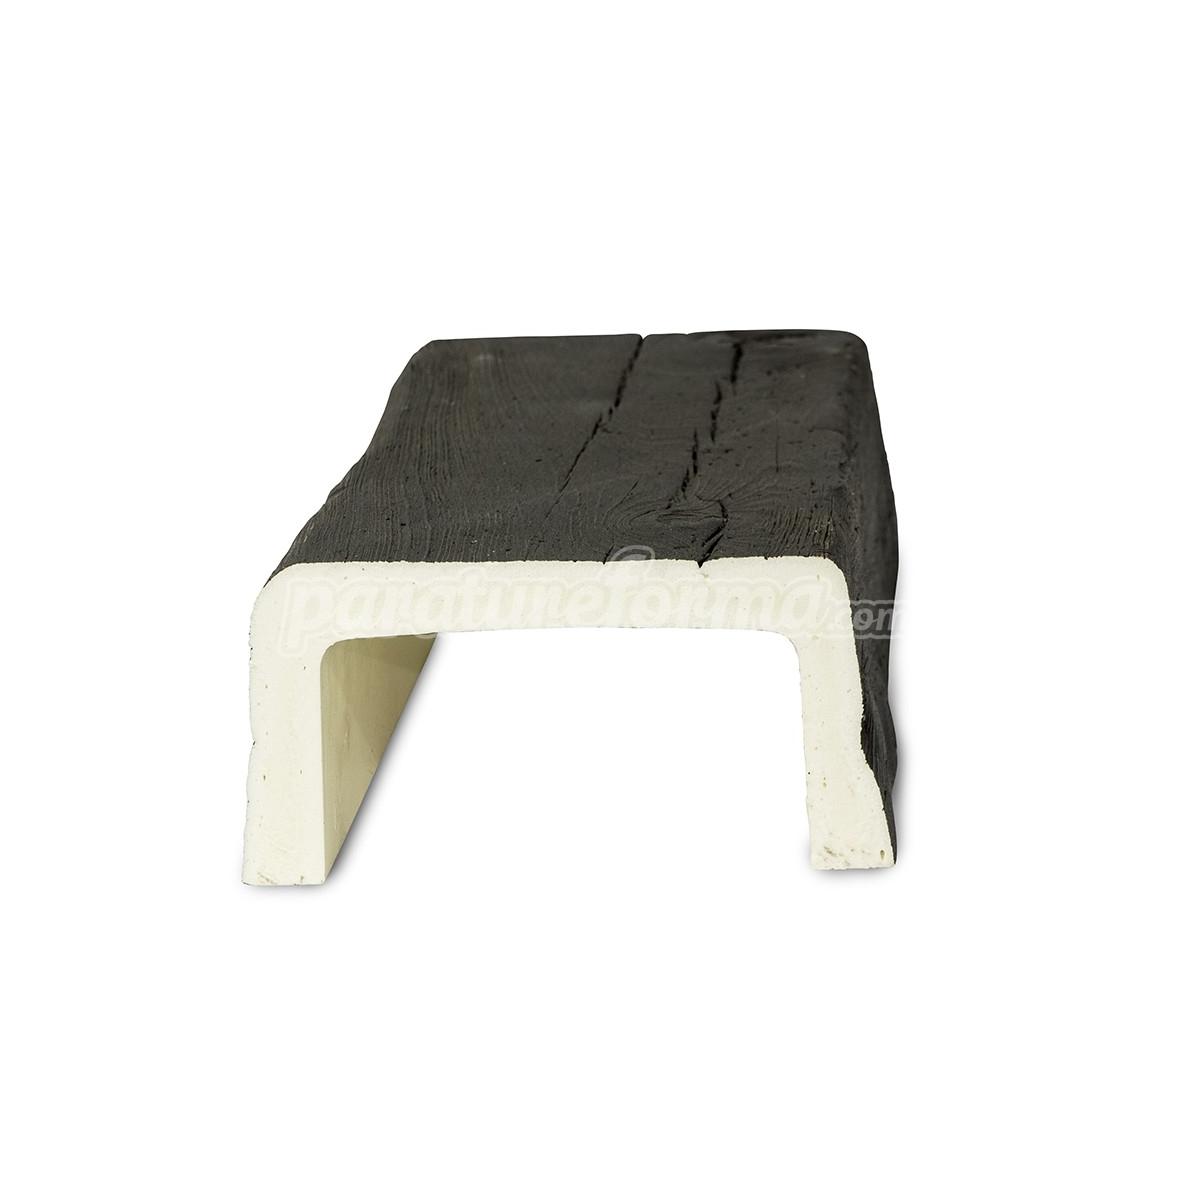 Vigas imitación madera cuadradas Grupo Unamacor Viga imitación a madera 300x14,5x8 al mejor precio